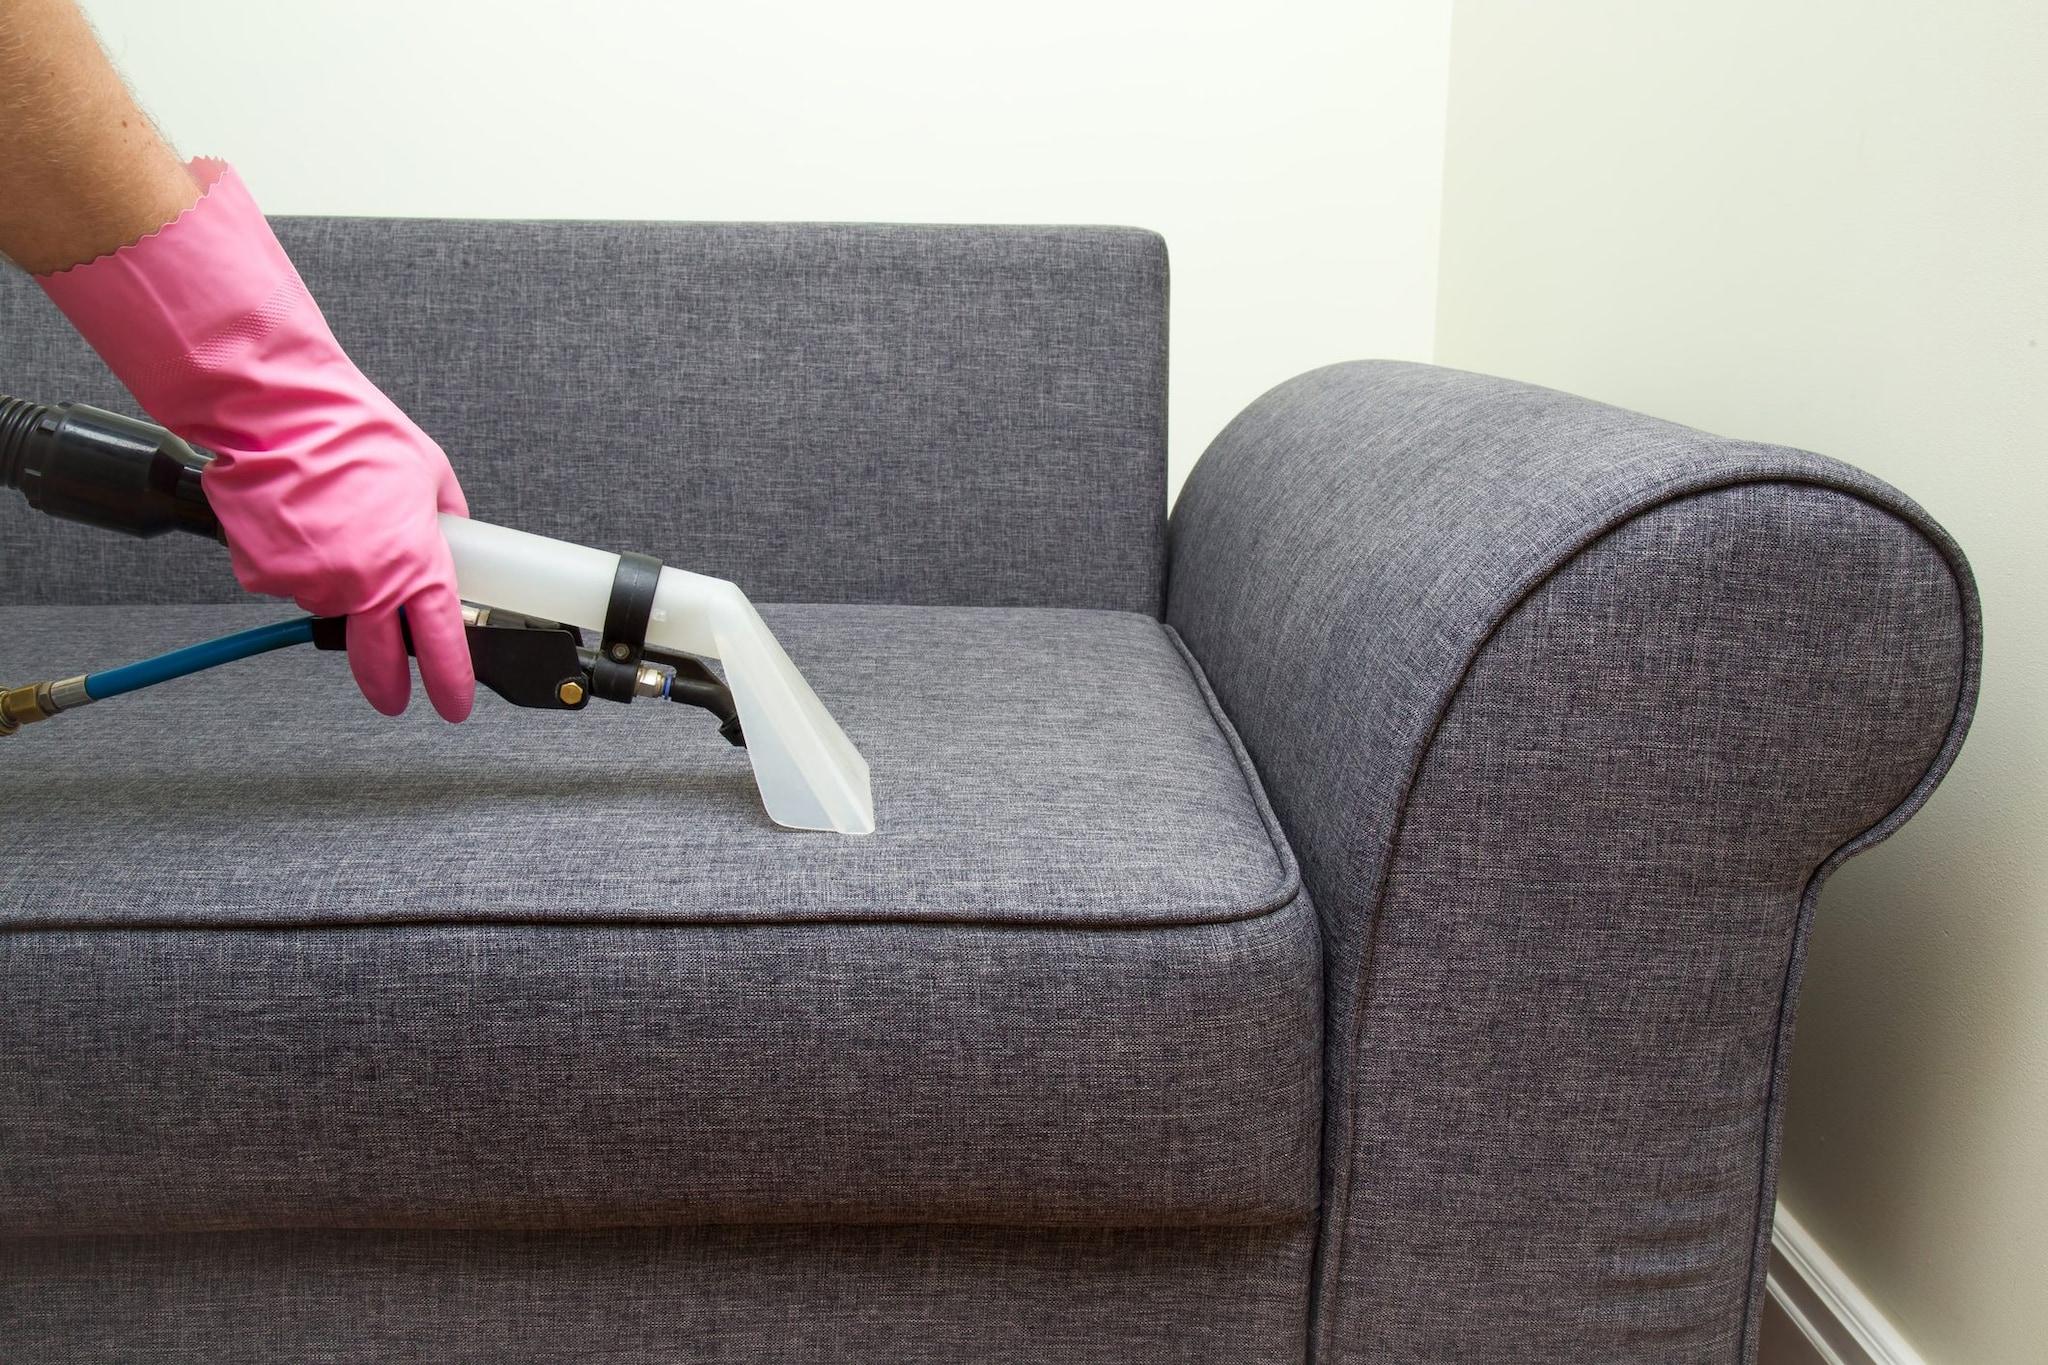 Pulire Divano In Pelle come disinfettare il divano con il vapore: i consigli per il